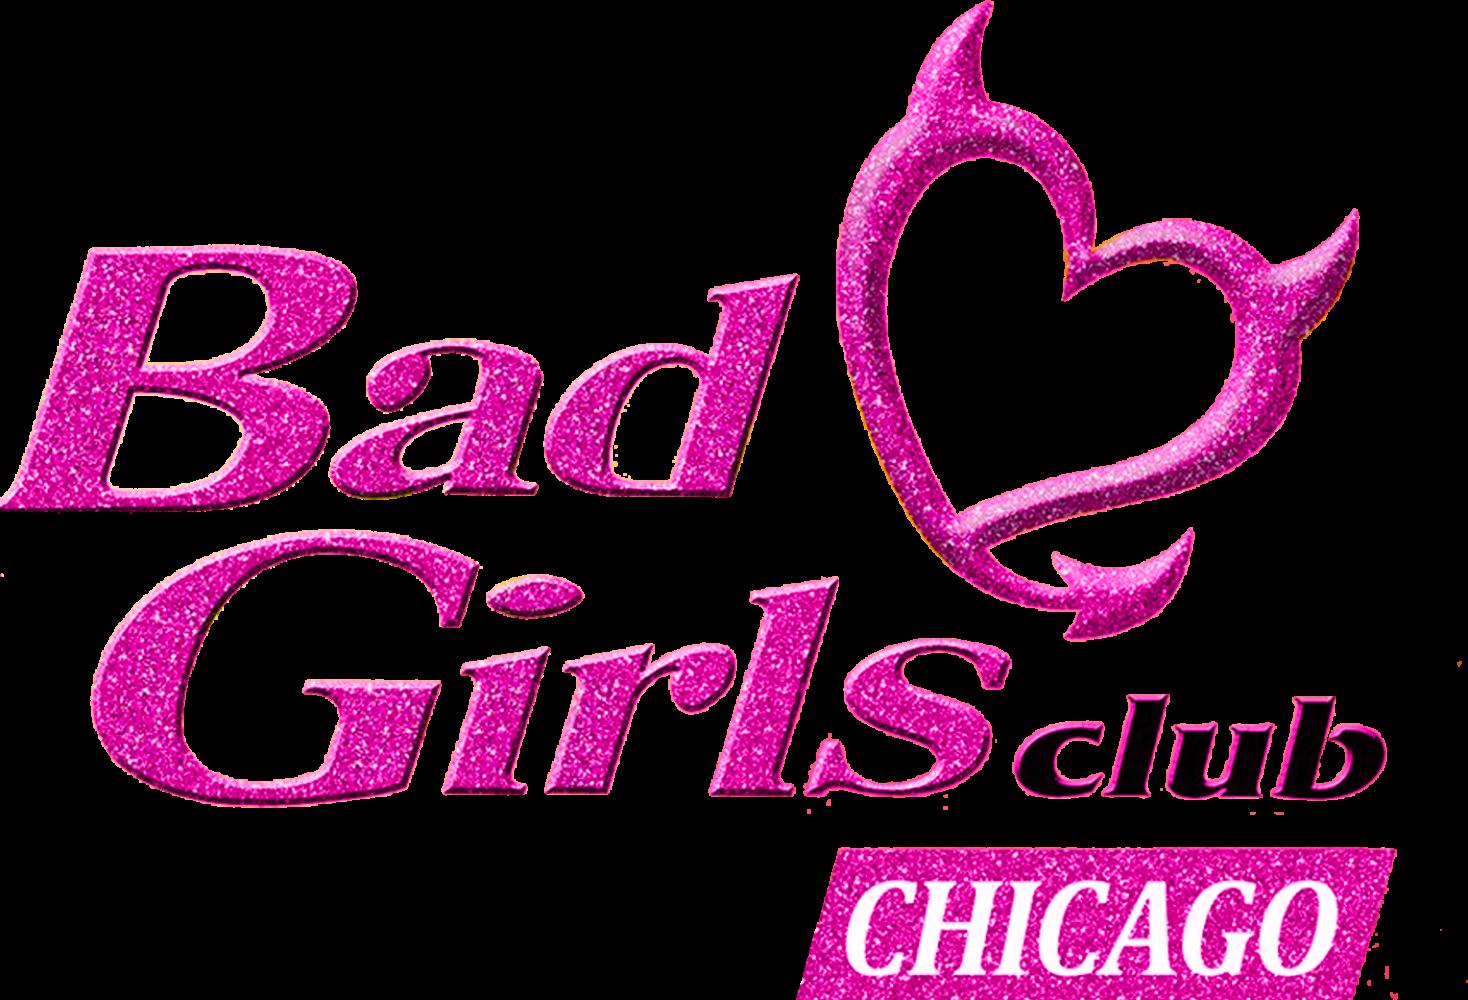 Bad Girls Club: Chicago